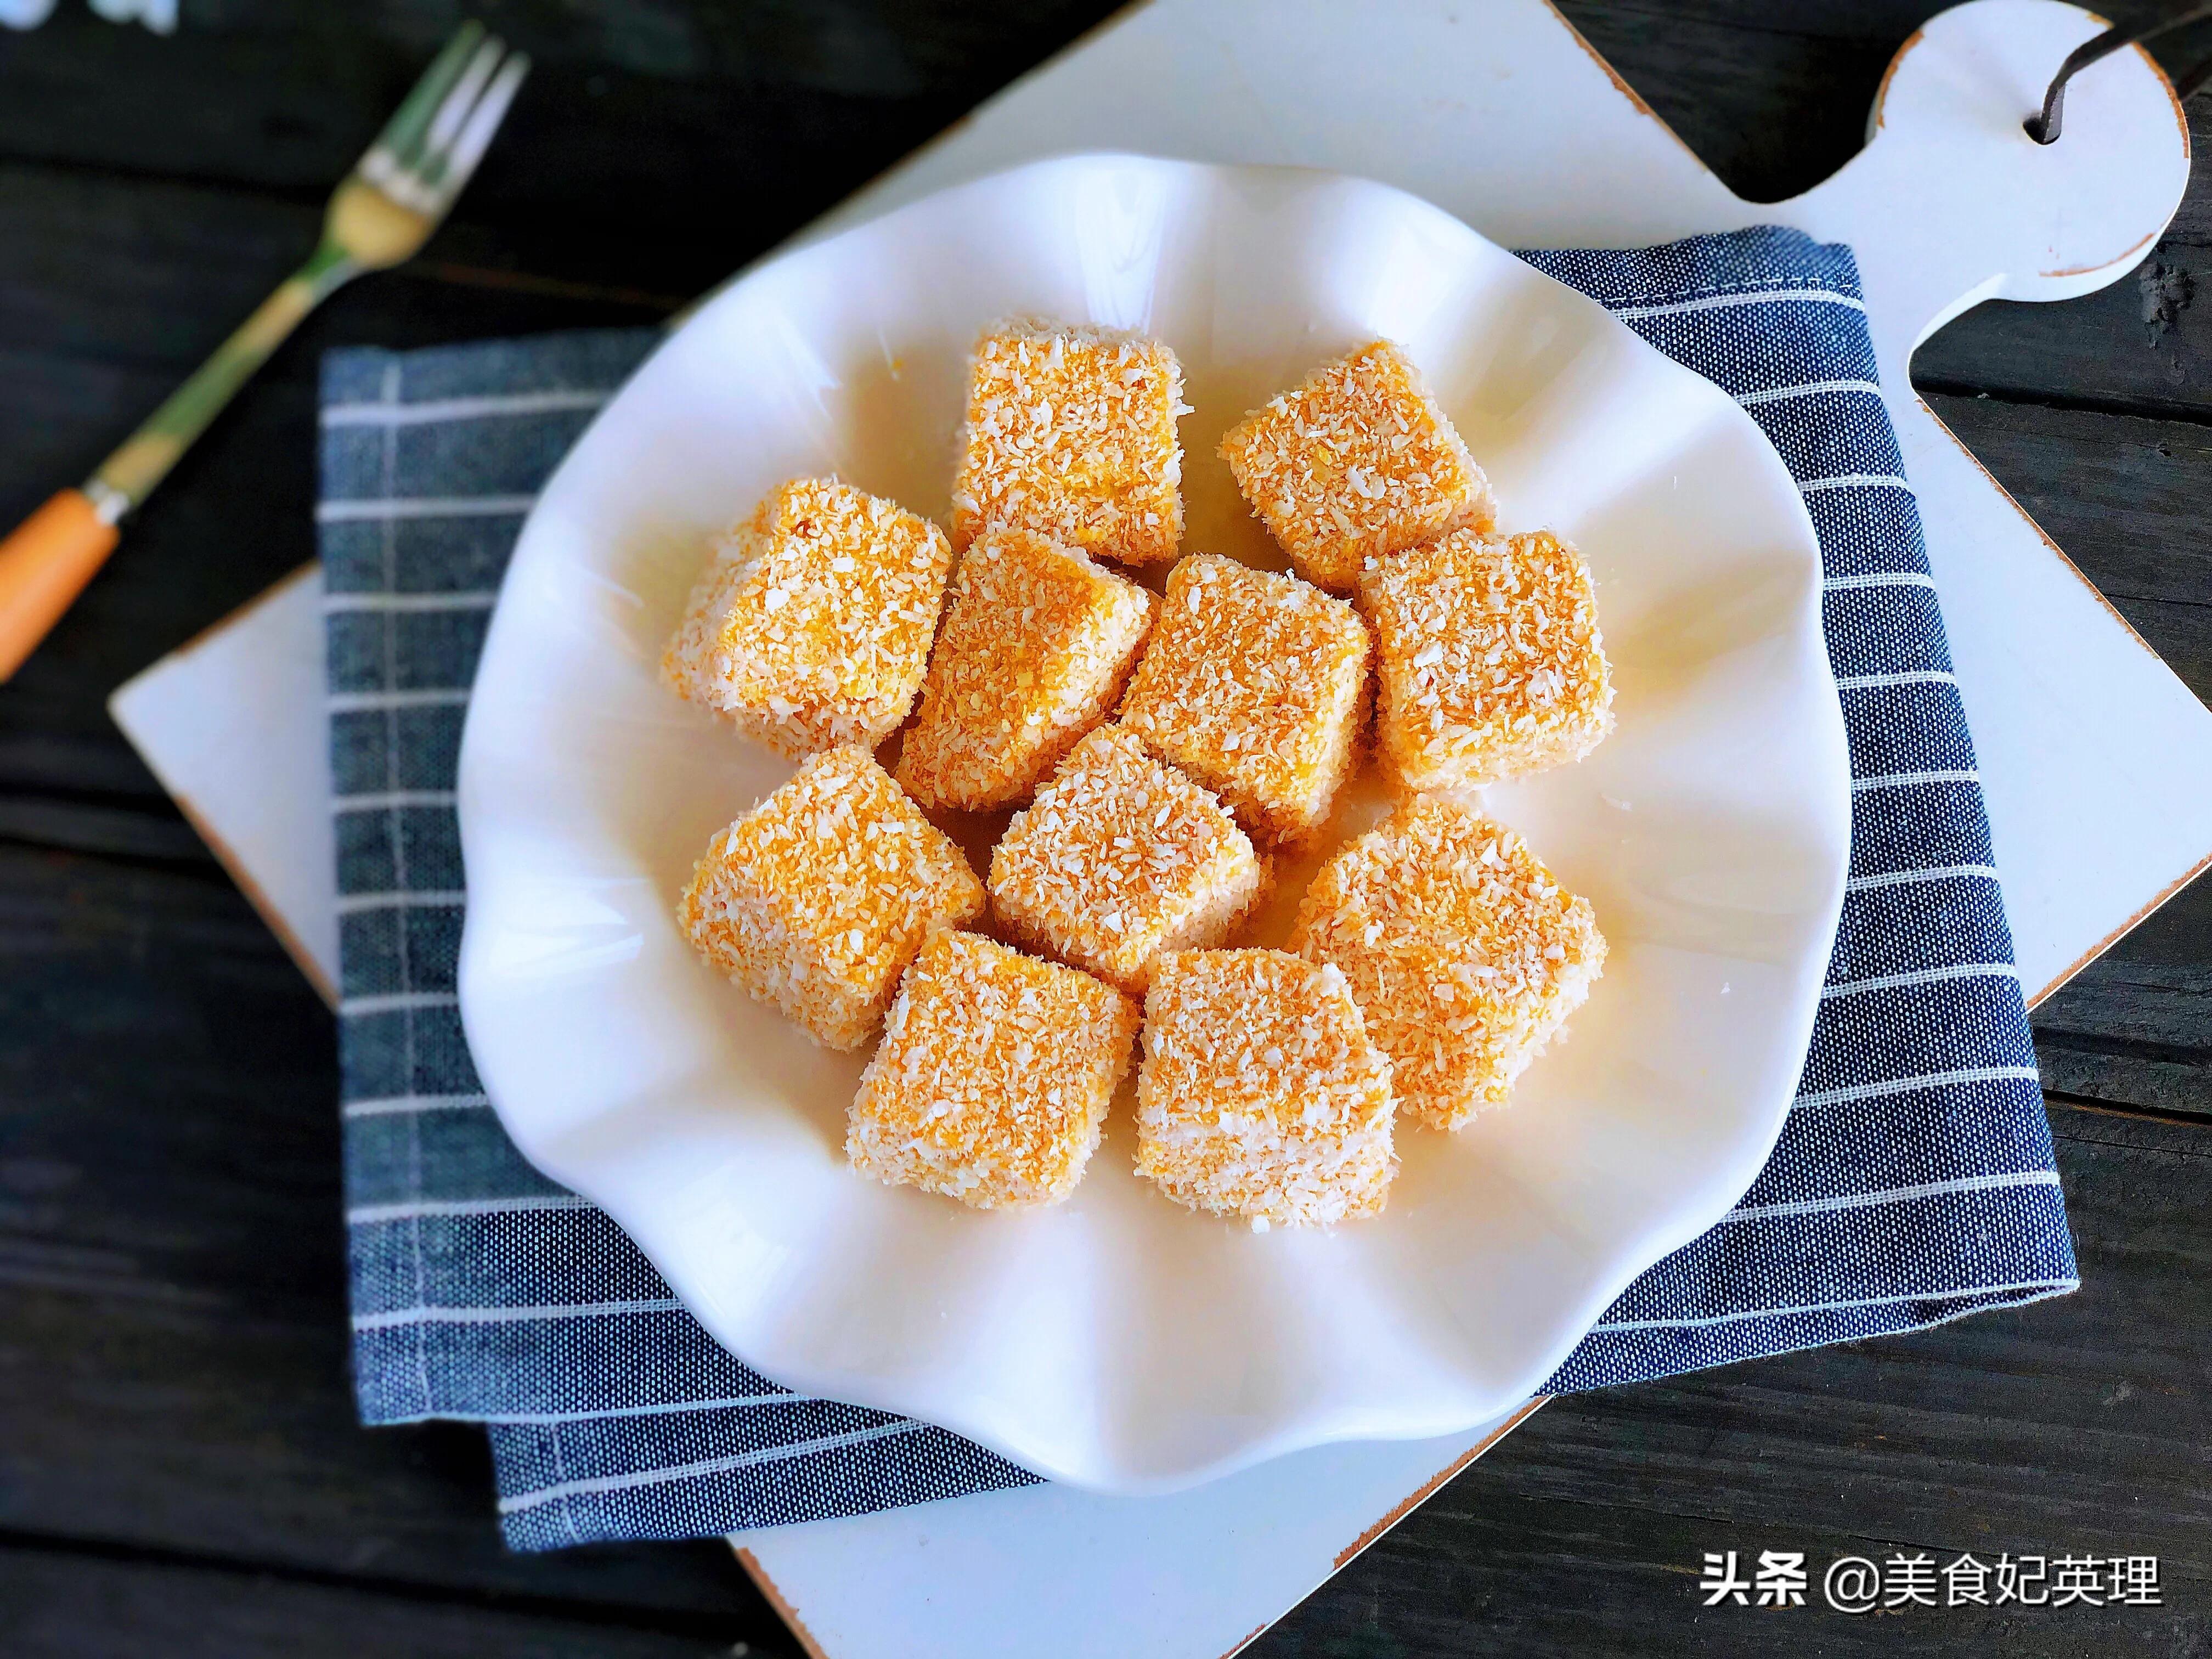 秋天就给孩子做这小零食,半块南瓜一杯牛奶,甜甜糯糯入口即化